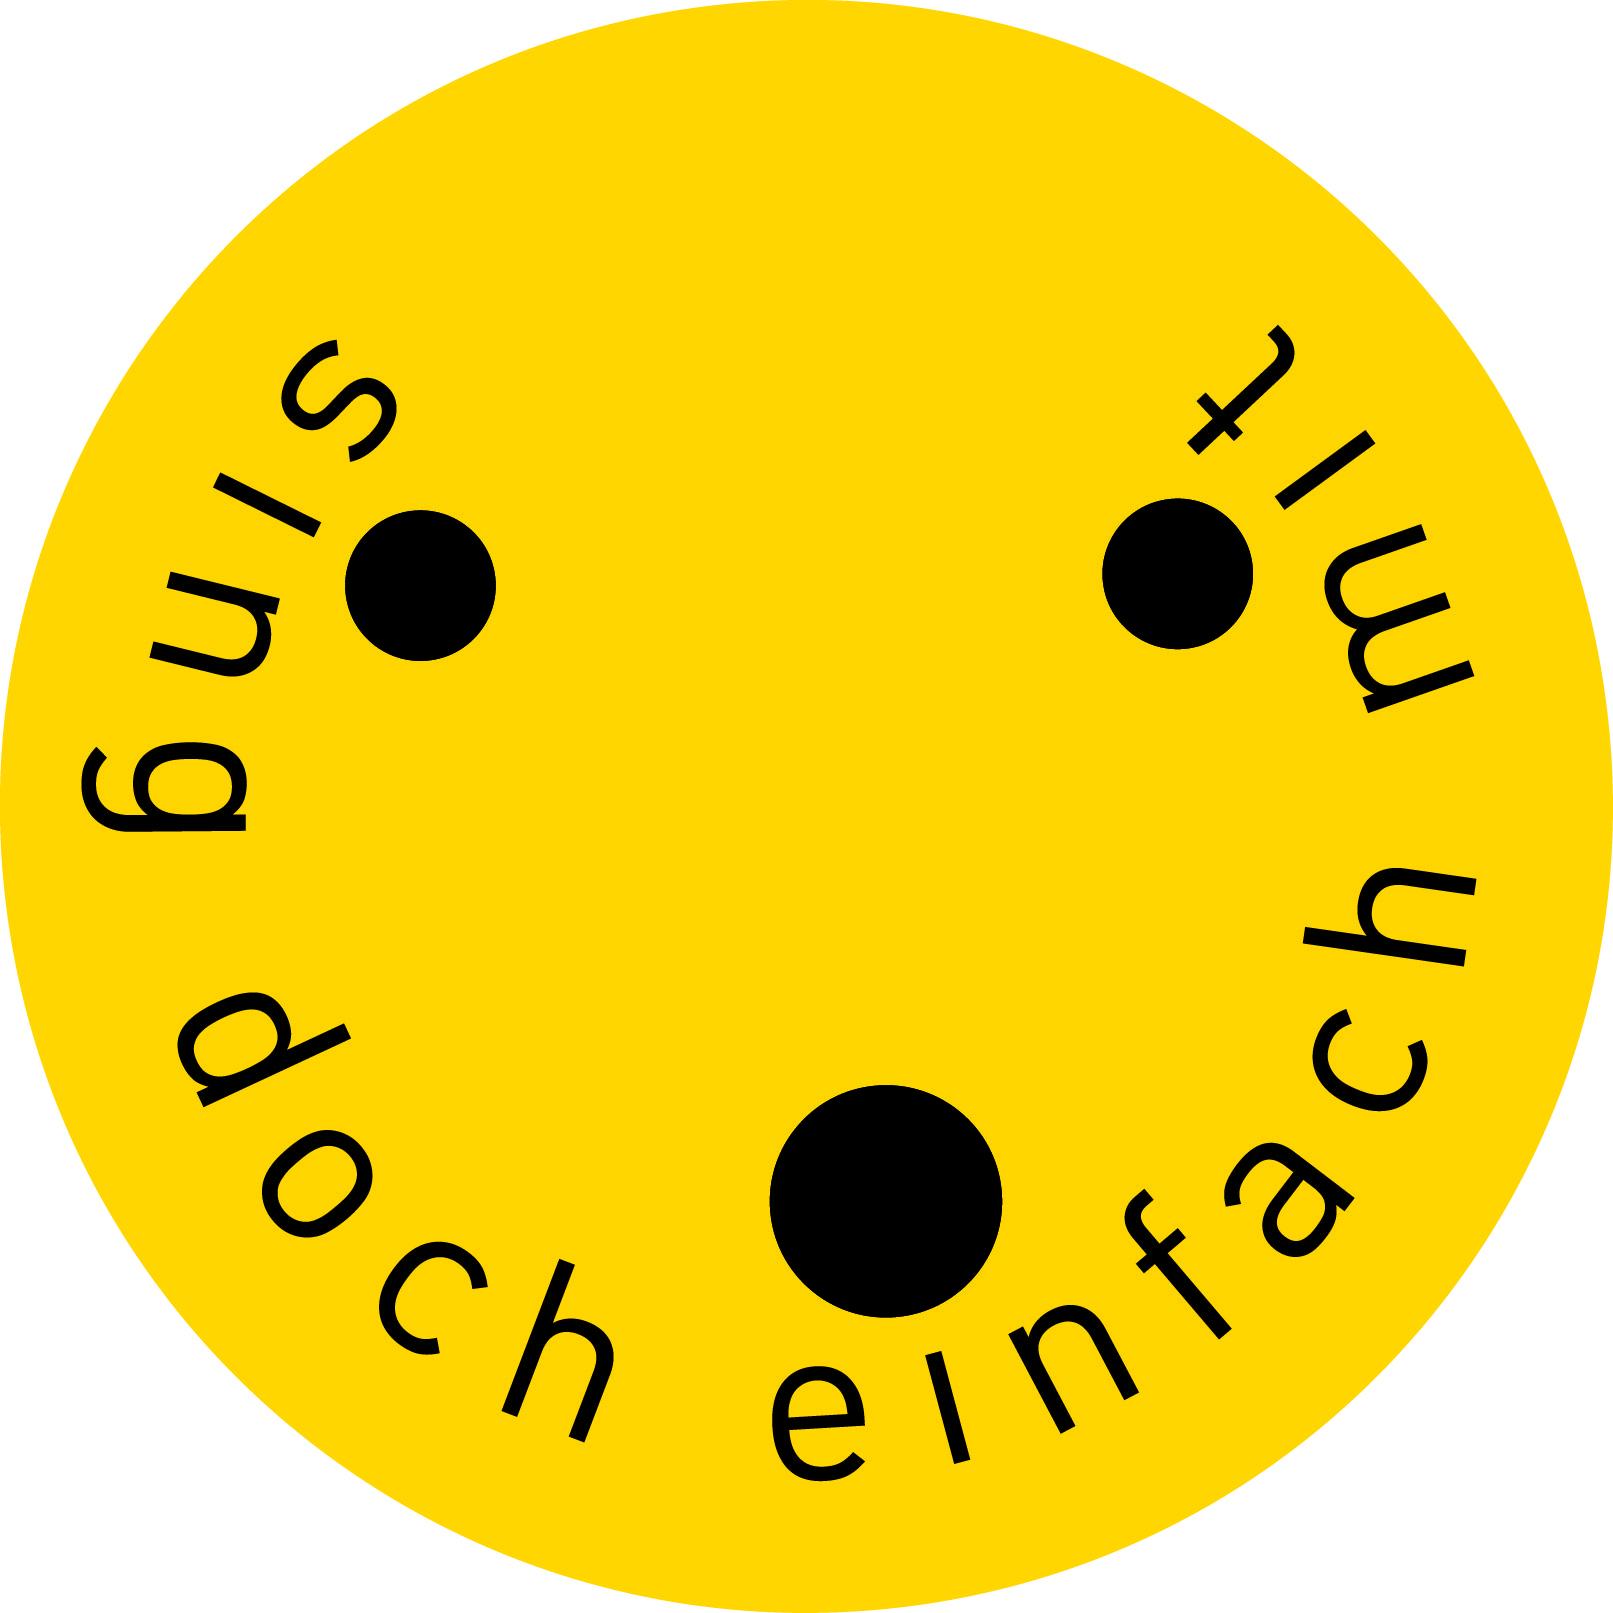 bentail_sdem_logo_yellow